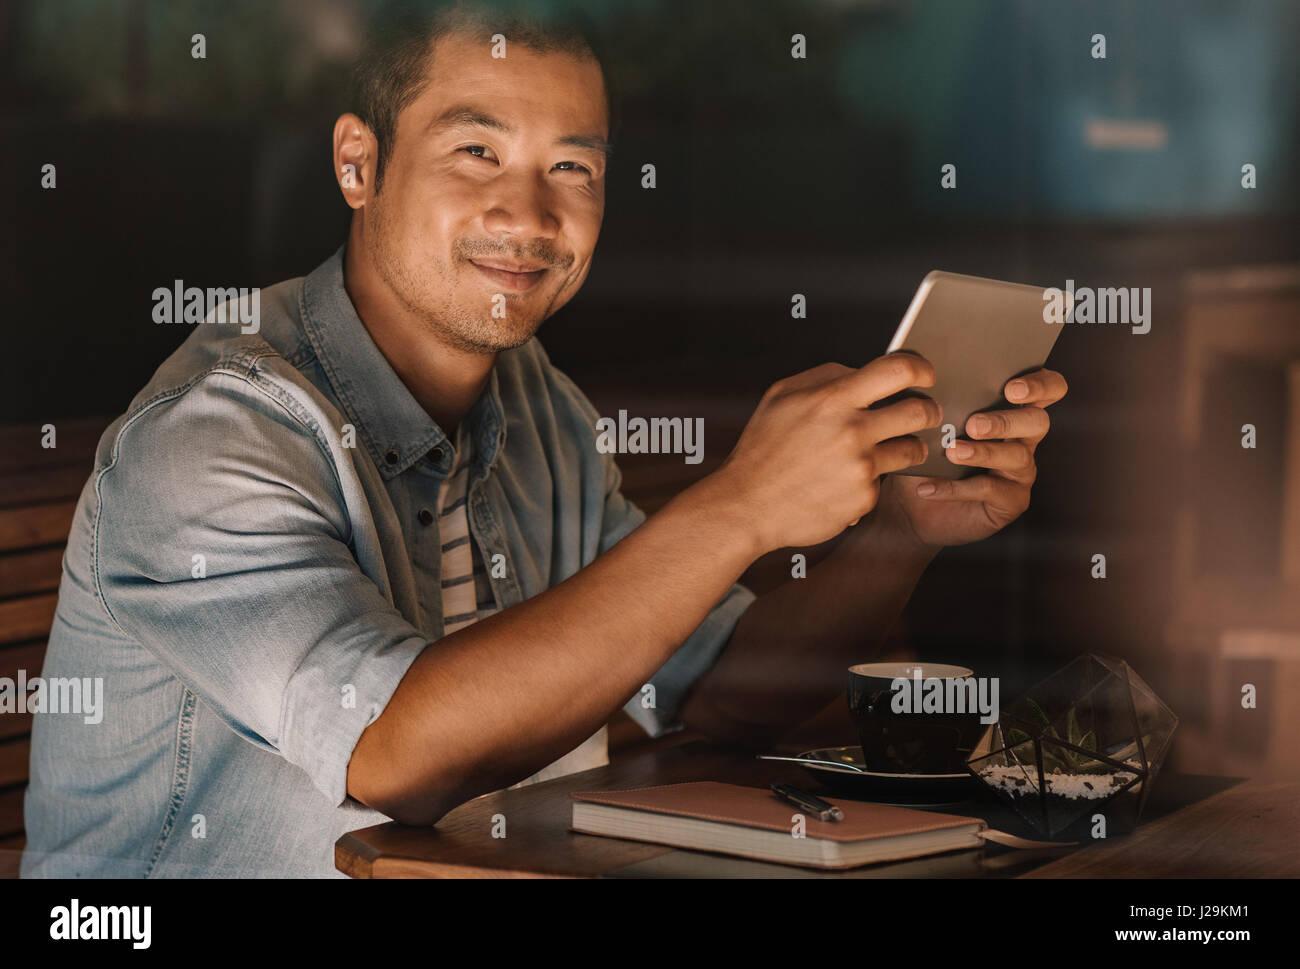 Homme asiatique contenu la navigation en ligne tout en restant assis dans un café Banque D'Images